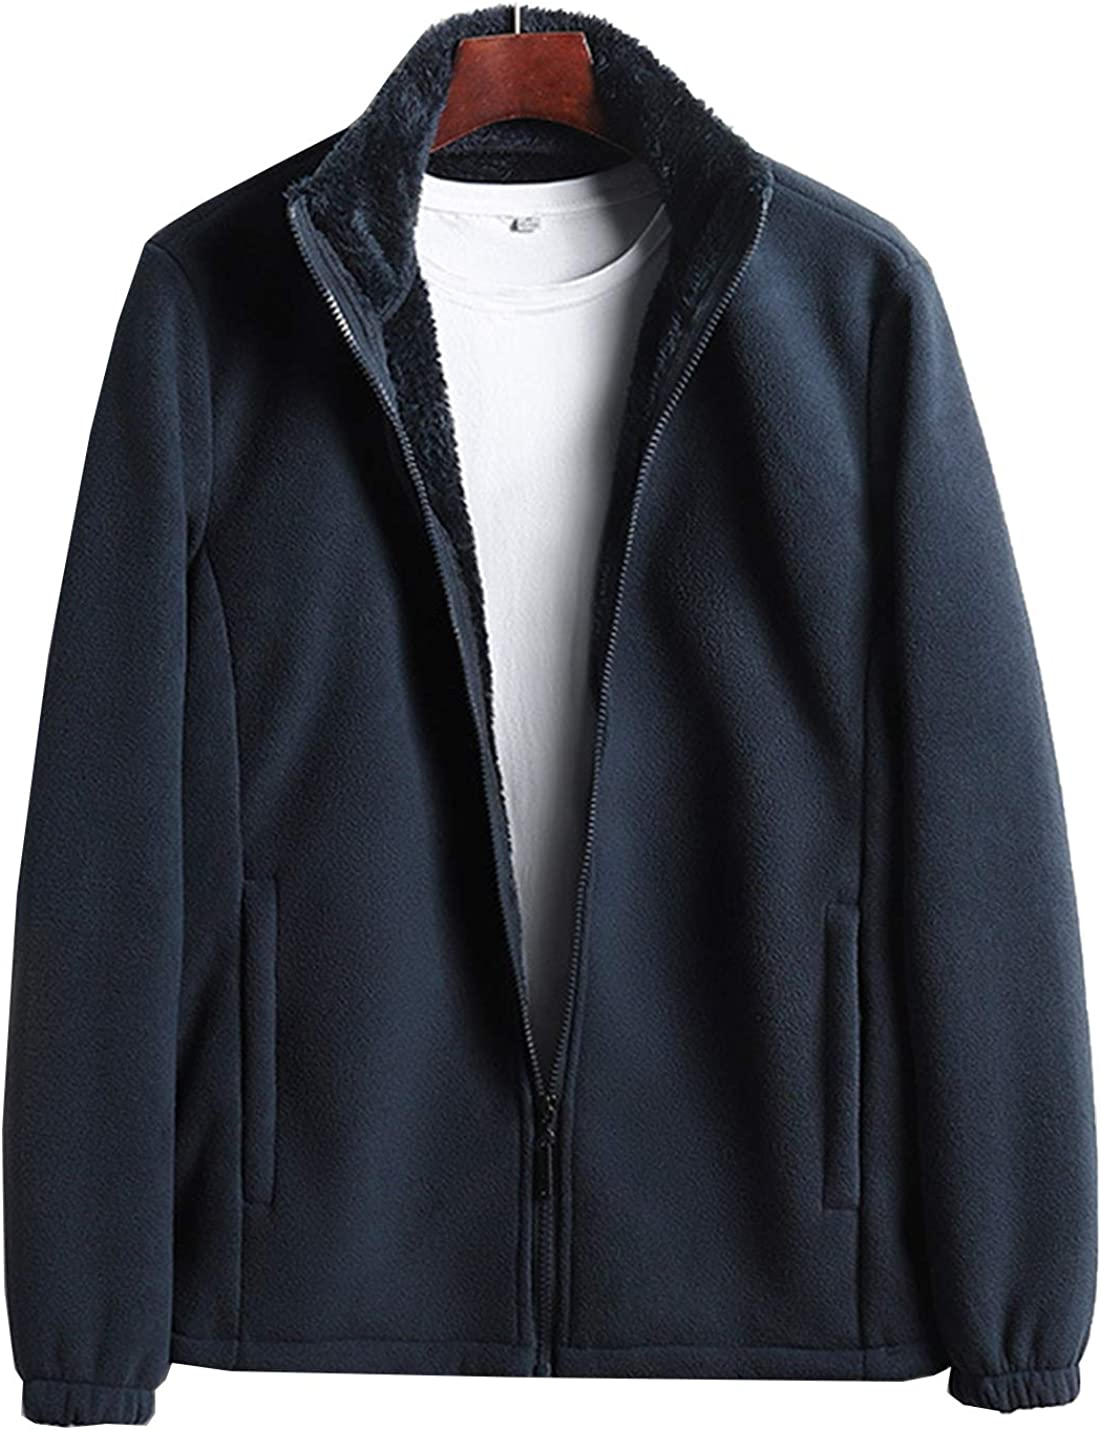 PEHMEA Men's Steens Sherpa Lined Full Zip Outdoor Moutain Polar Fleece Jacket Mock Neck